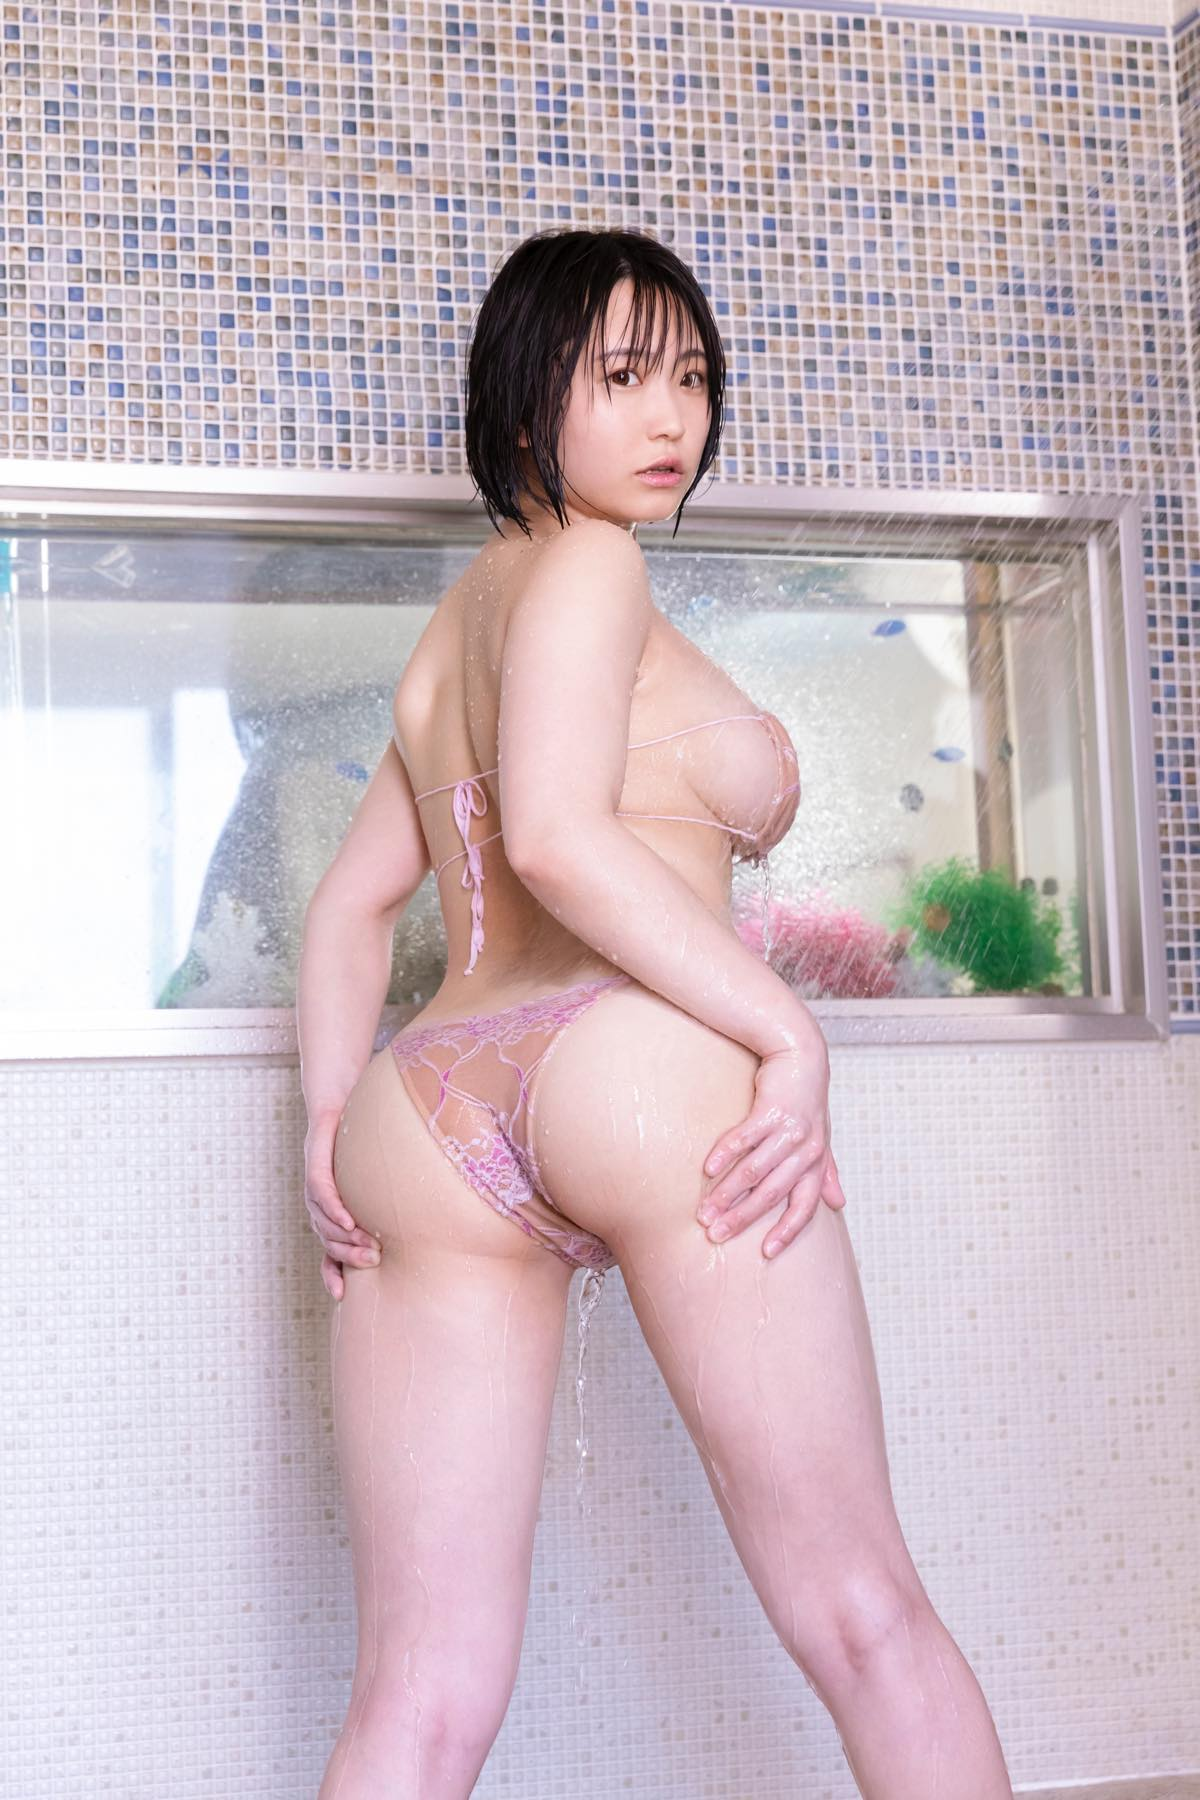 桜木こなみ「童顔なのに豊満ボディ」のギャップがたまらない!【画像8枚】の画像006